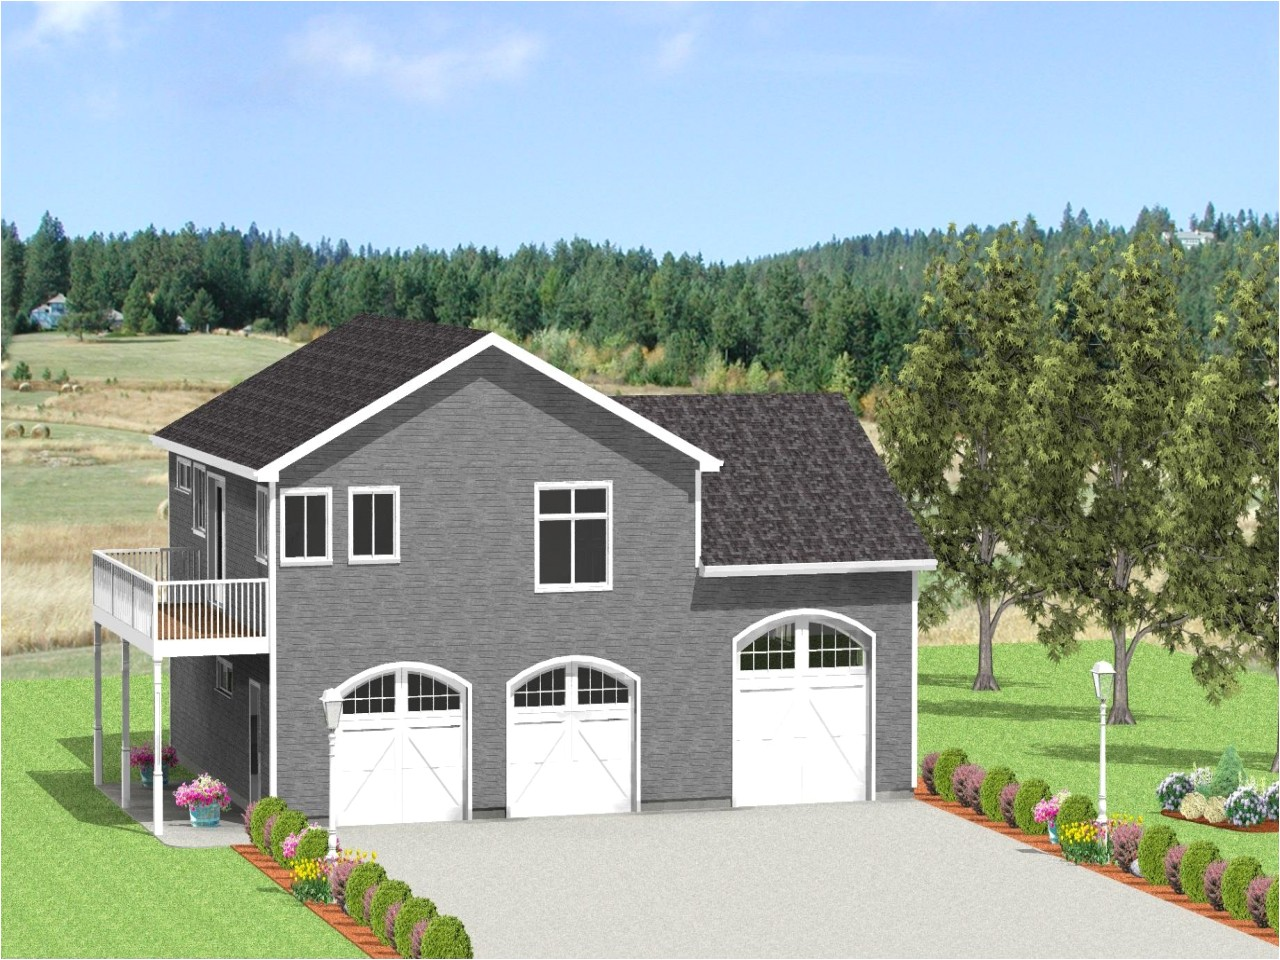 rv garage house plans